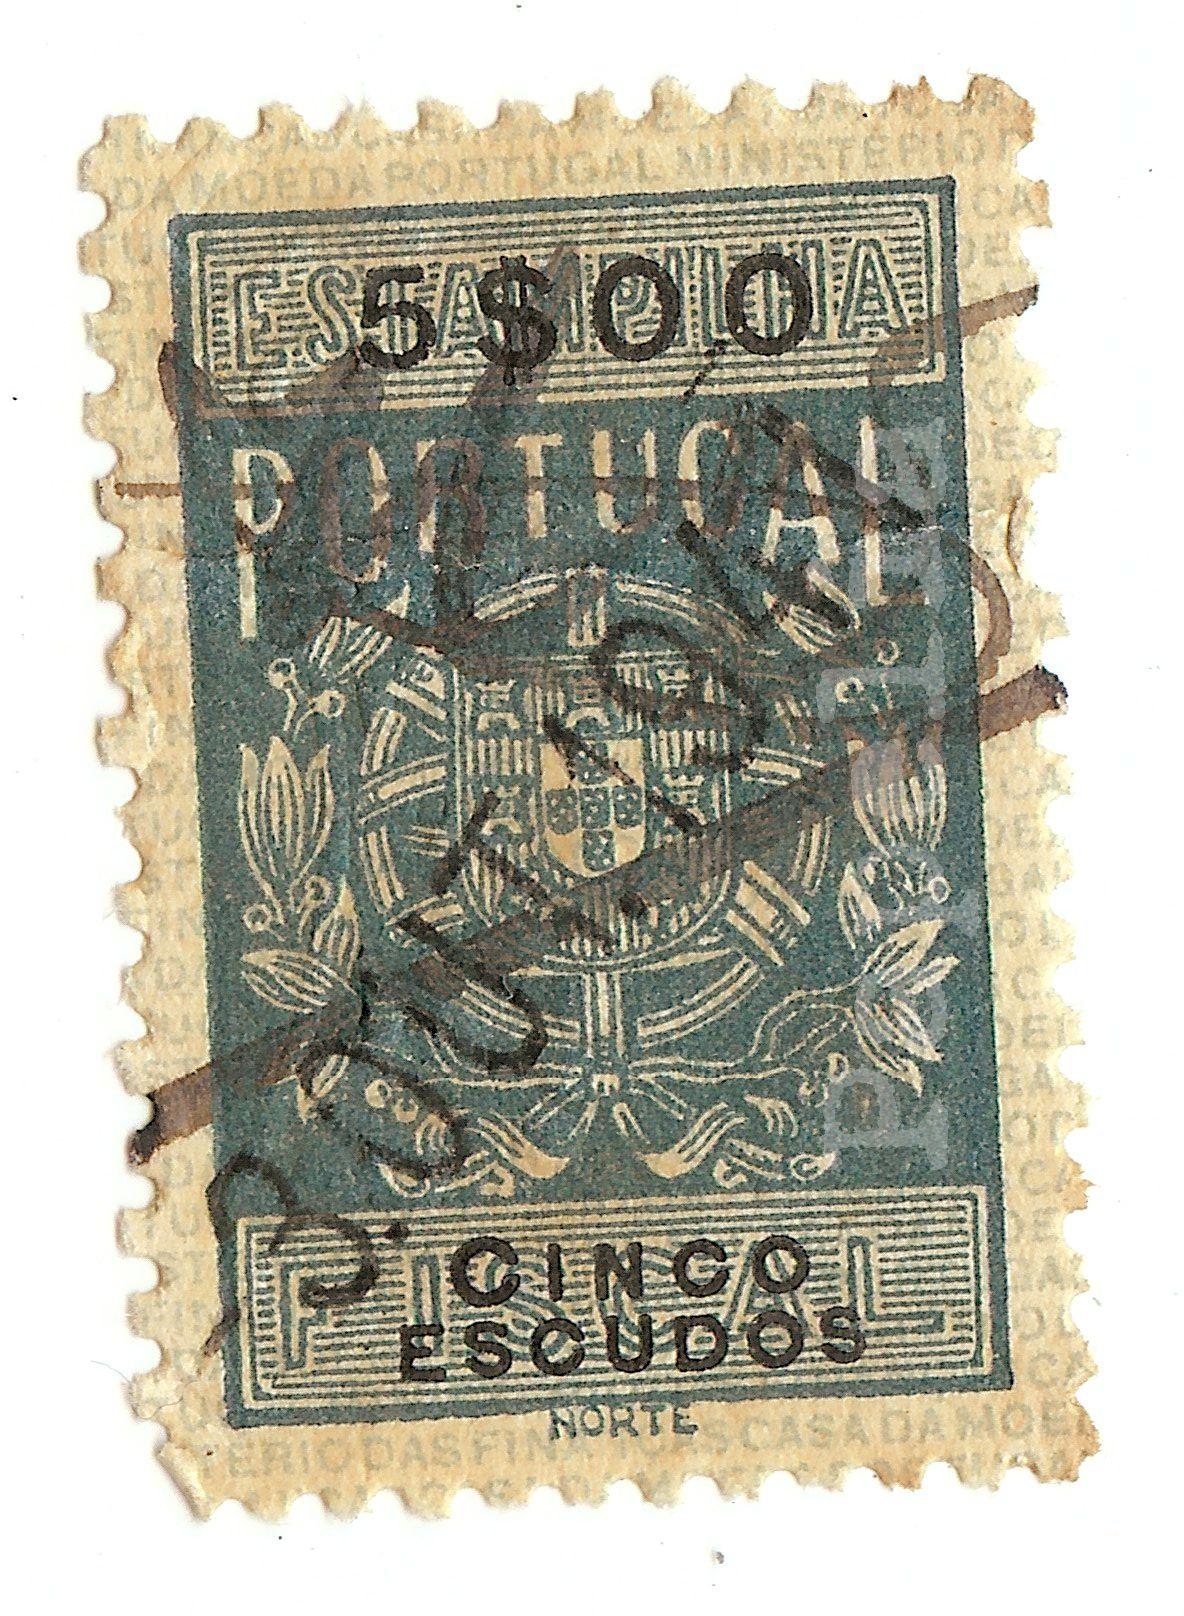 """""""Estampilha fiscal. Portugal. 5$00 Cinco escudos"""". Usado. Circulado, 30 OUT 1941. À venda: www.papelia.com.br"""